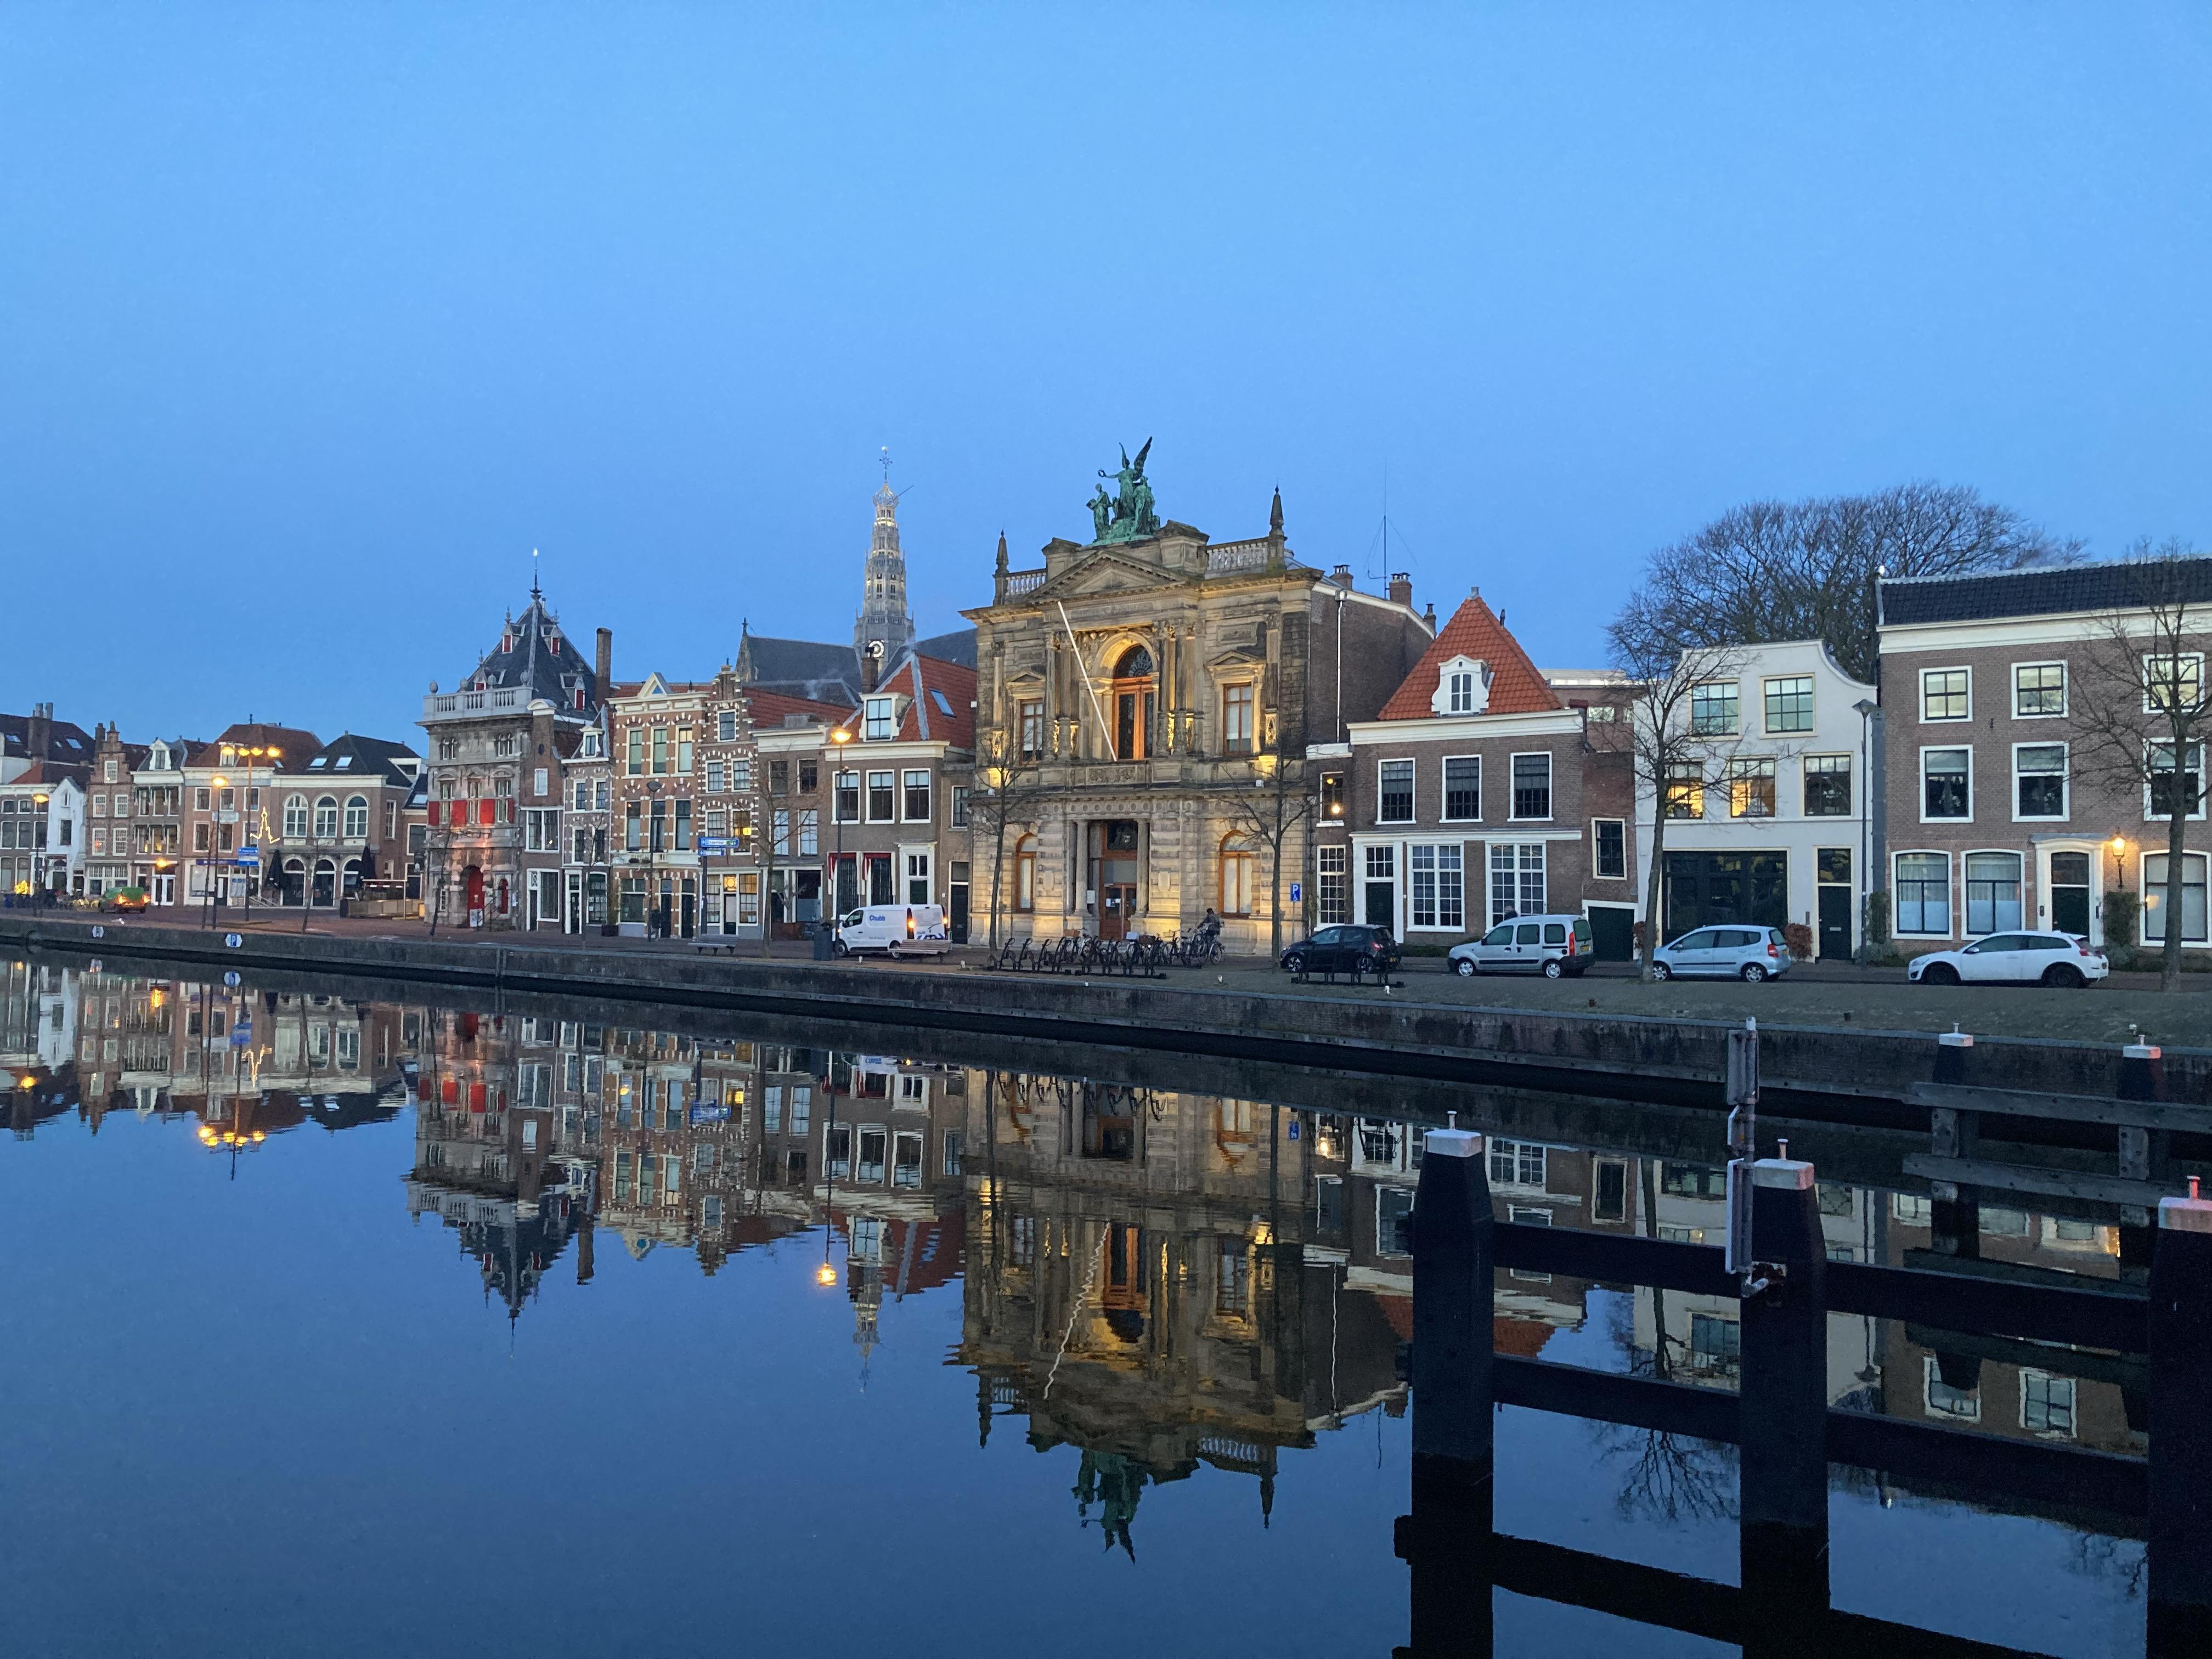 Teylers en Frans Hals houden in Haarlem hoofd nog boven water; 'De steun van veel mensen en organisaties is essentieel om al onze dromen voor het publiek te kunnen blijven realiseren'